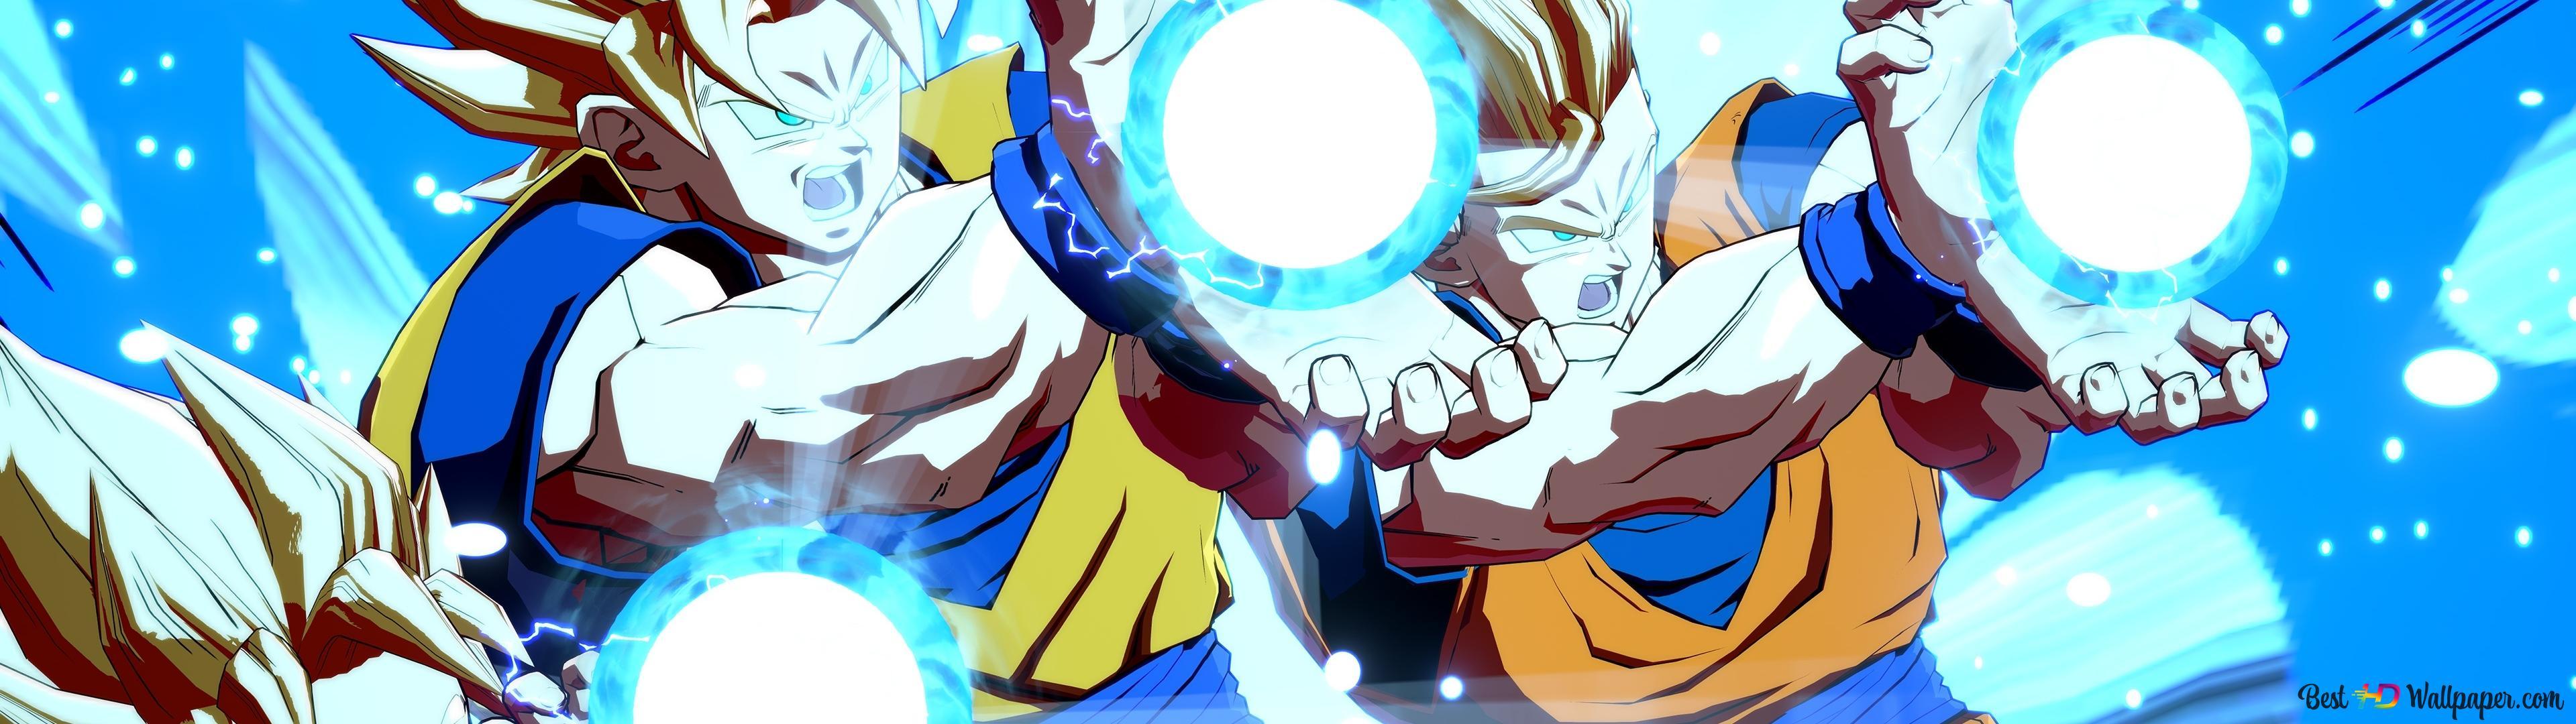 Descargar Fondo De Pantalla Dragon Ball Fighterz Goten